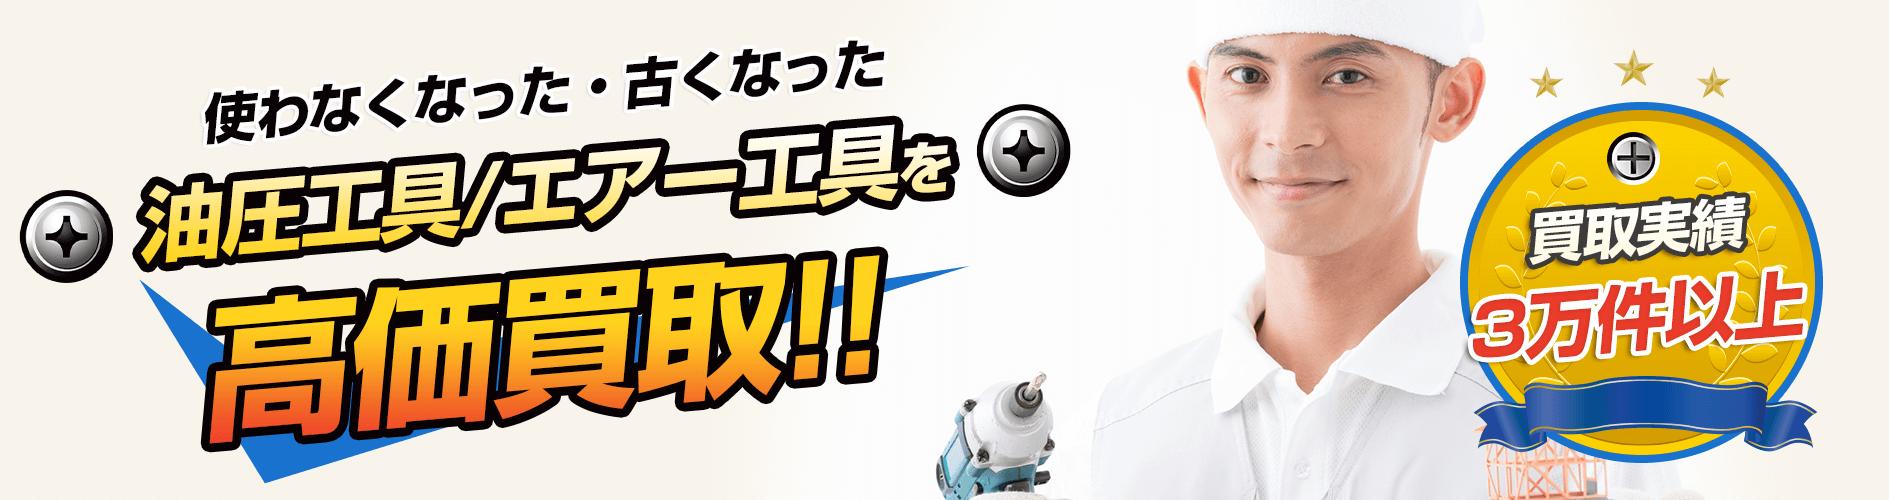 油圧工具/エアー工具の電動工具の高価買取ならチョップへ